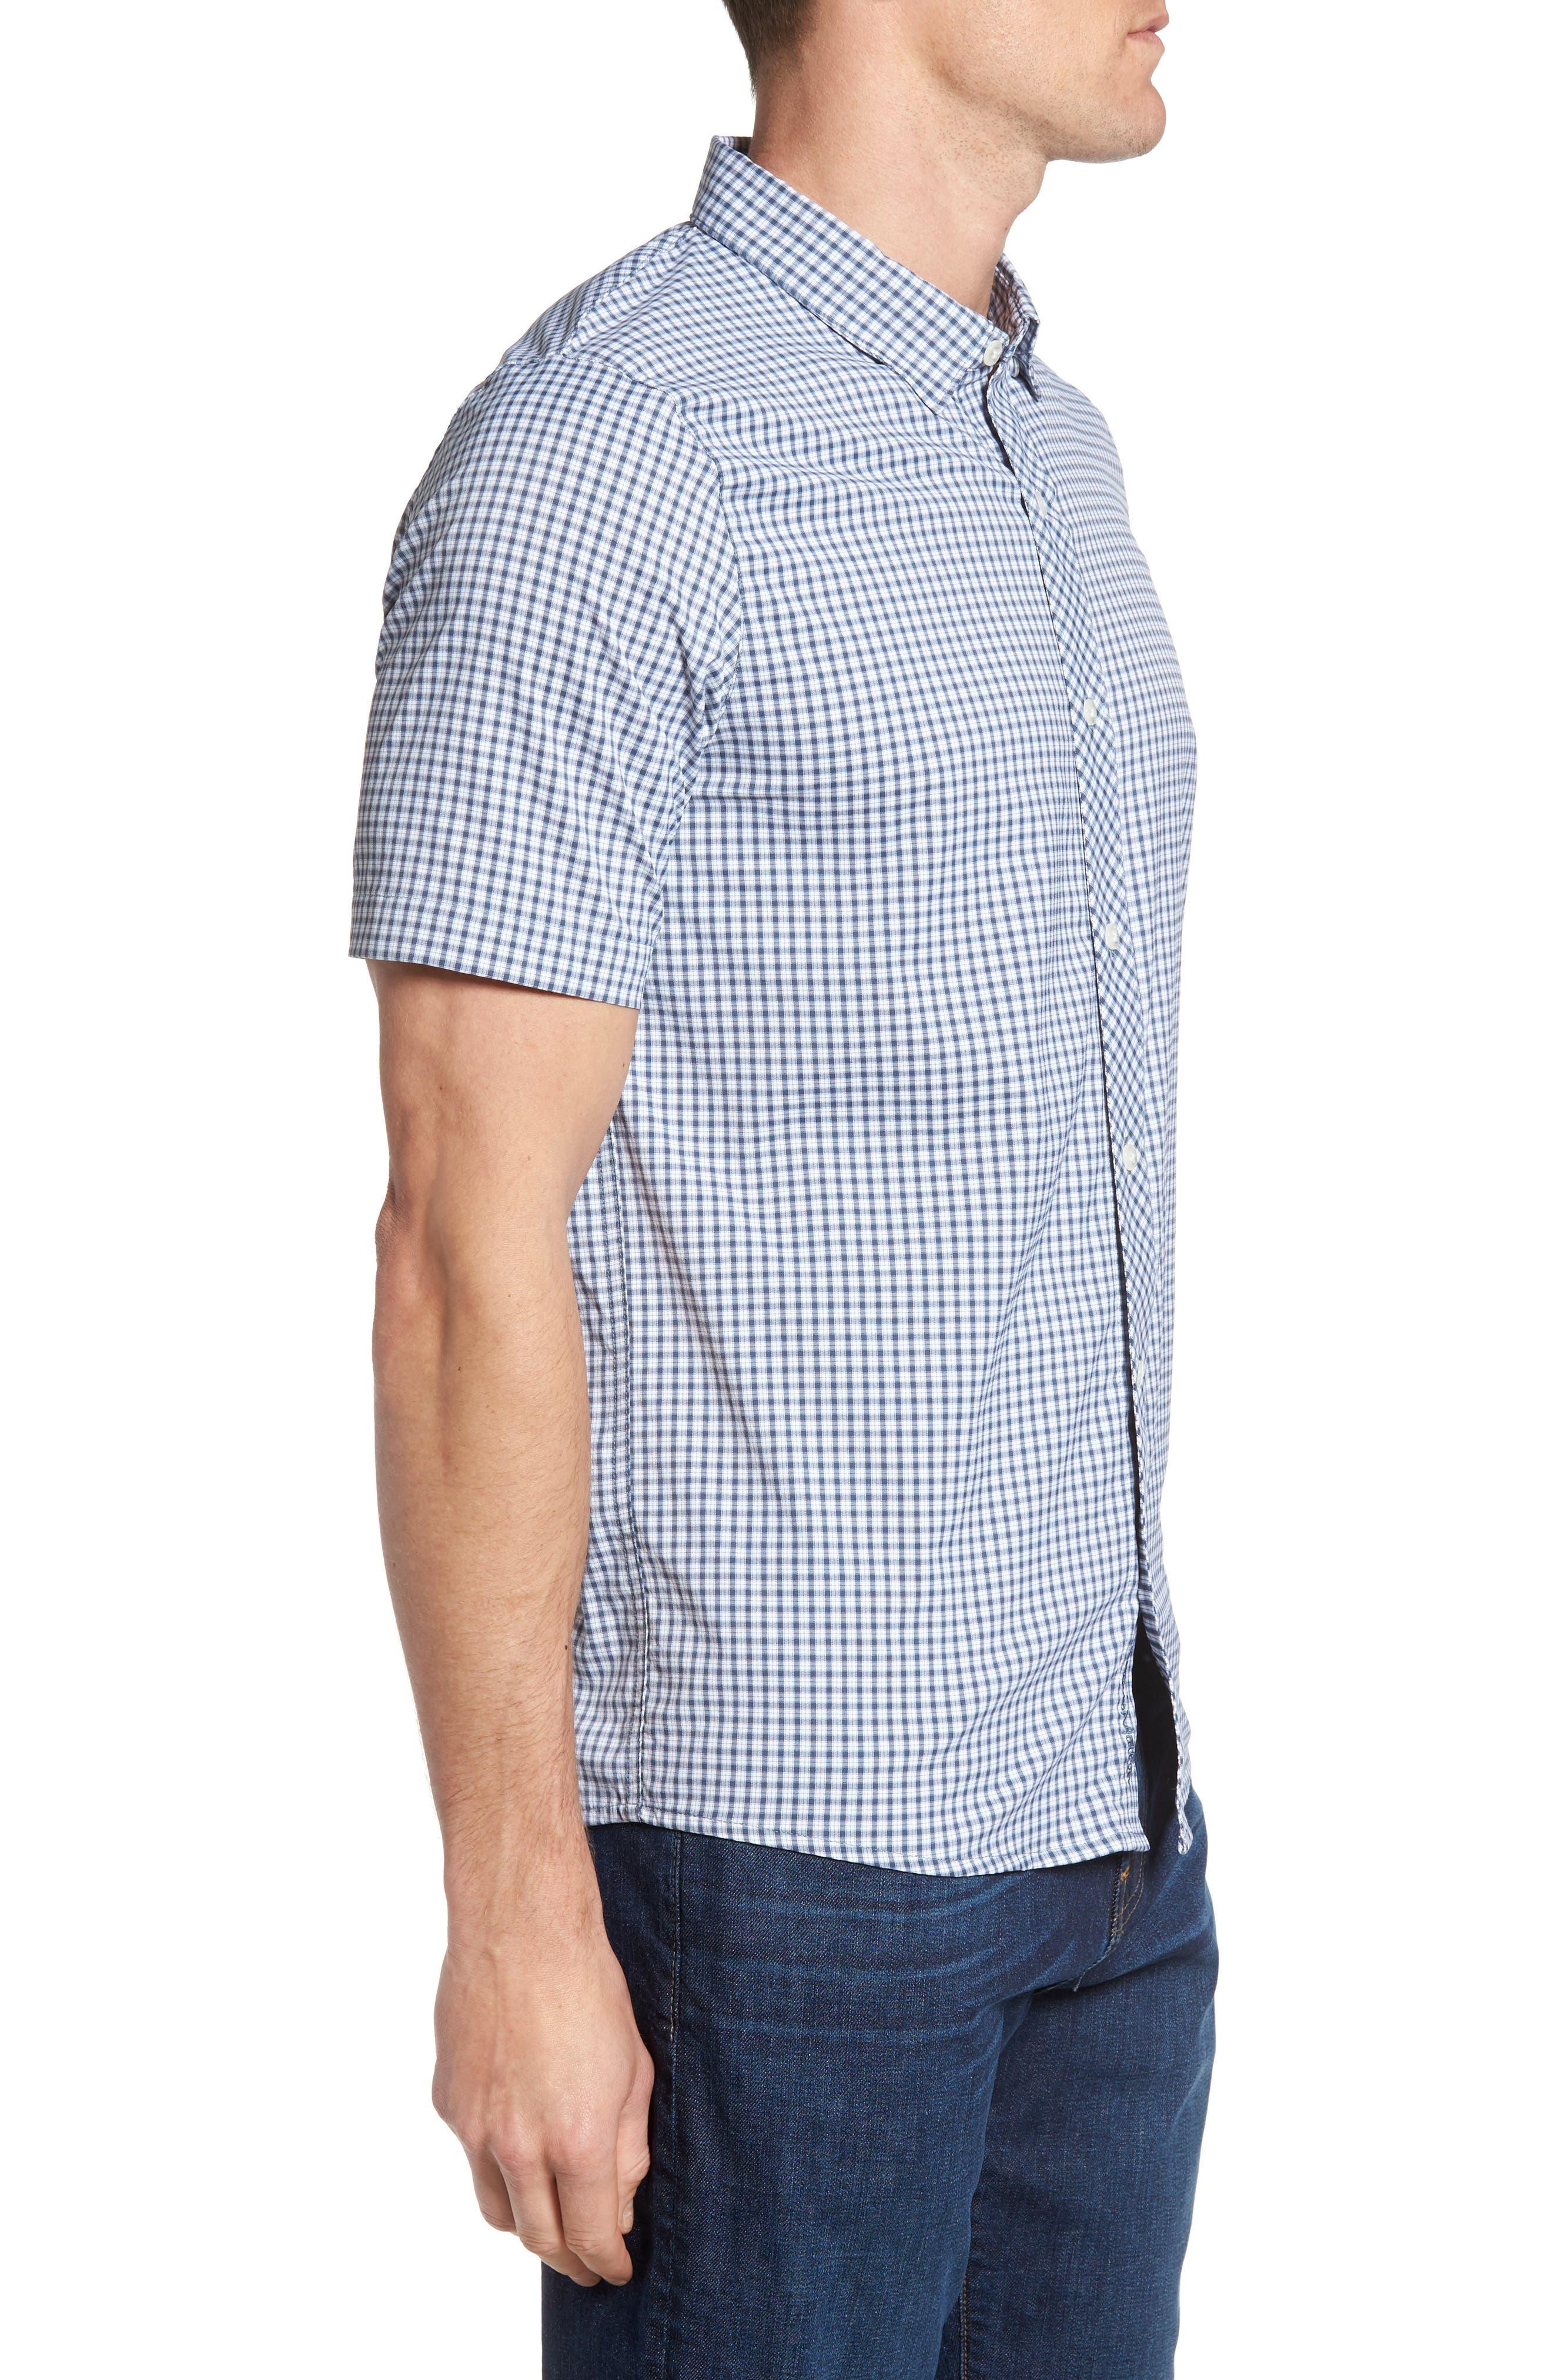 Barker Trim Fit Plaid Sport Shirt,                             Alternate thumbnail 3, color,                             400